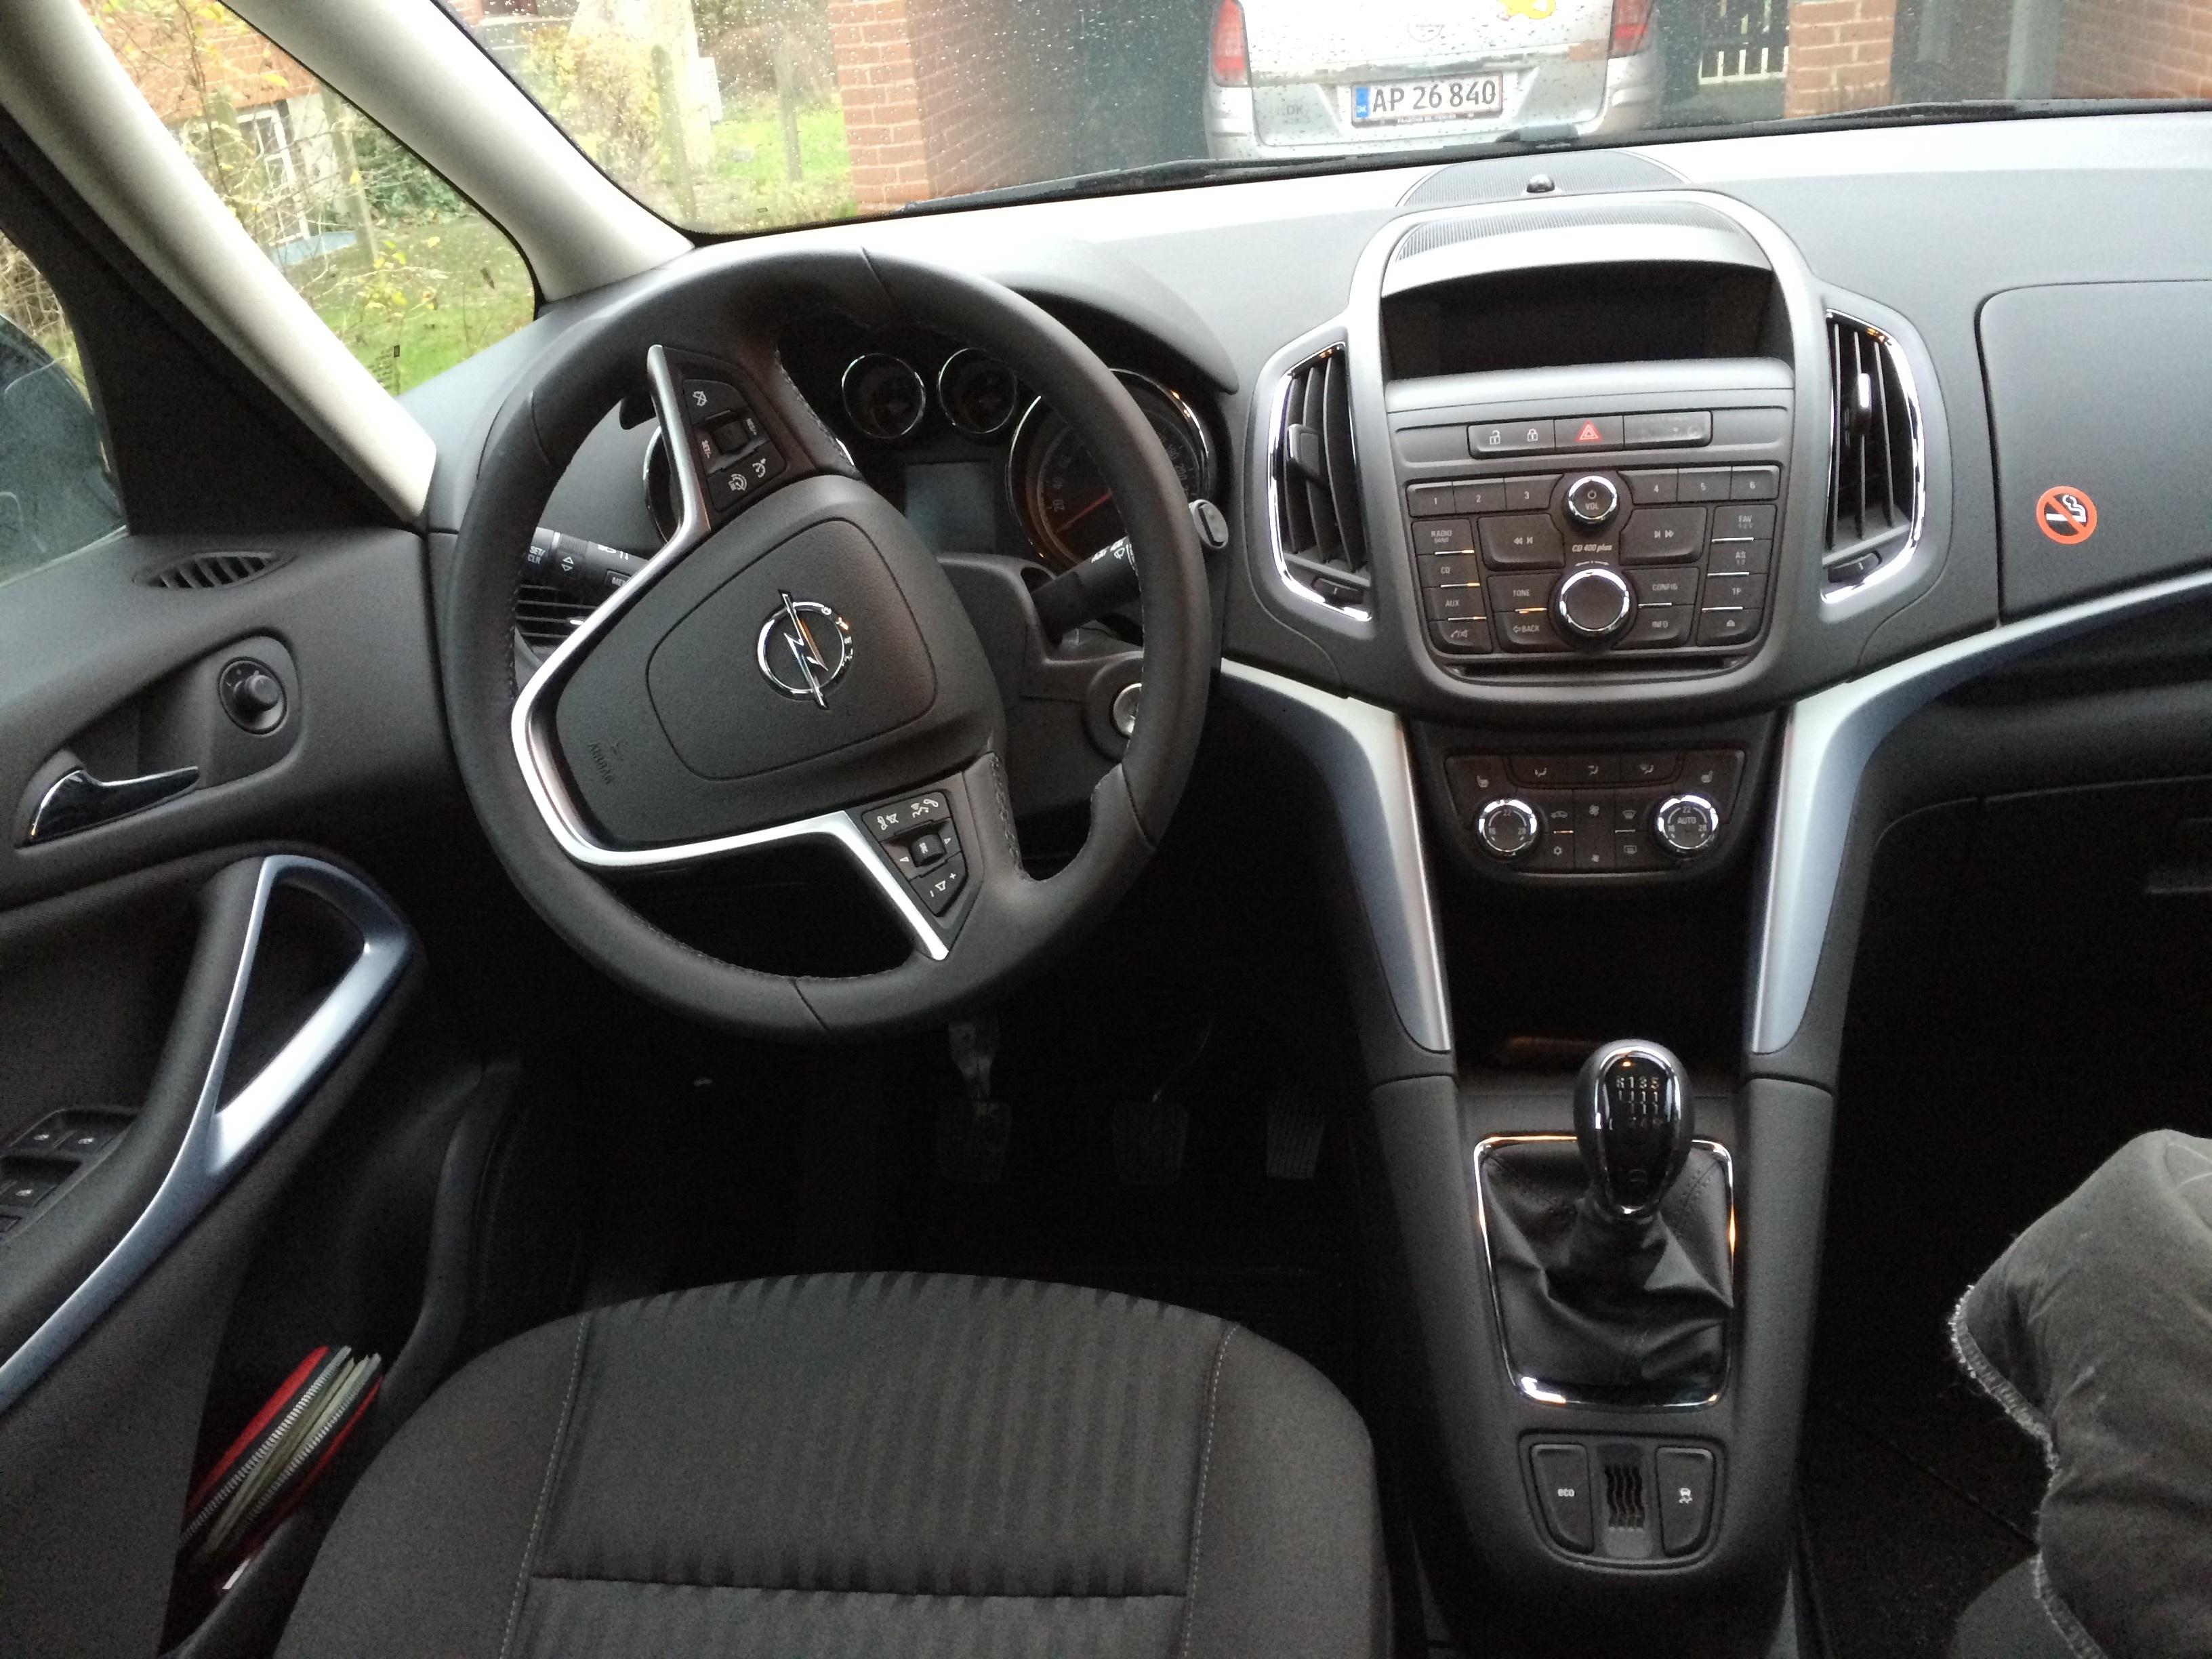 2014 Opel Zafira 20 Cdti Ecoflex Roadtest Driven To Write